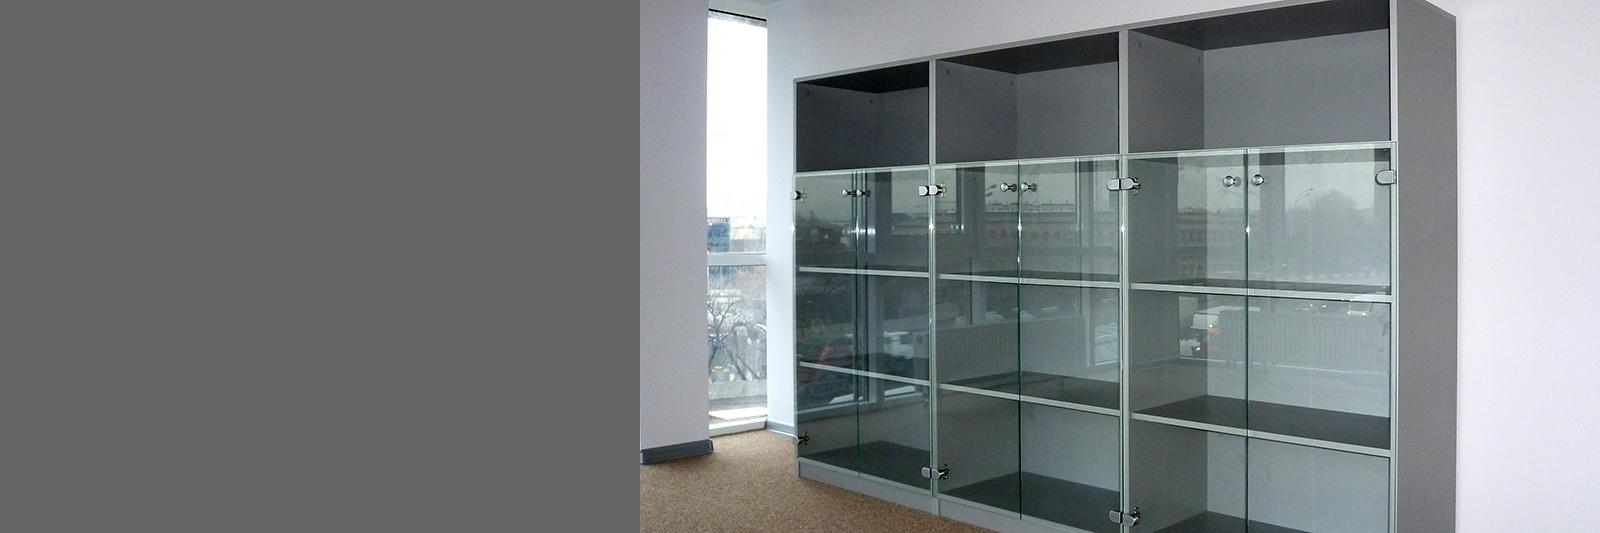 Офисные шкафы на заказ со стеклом